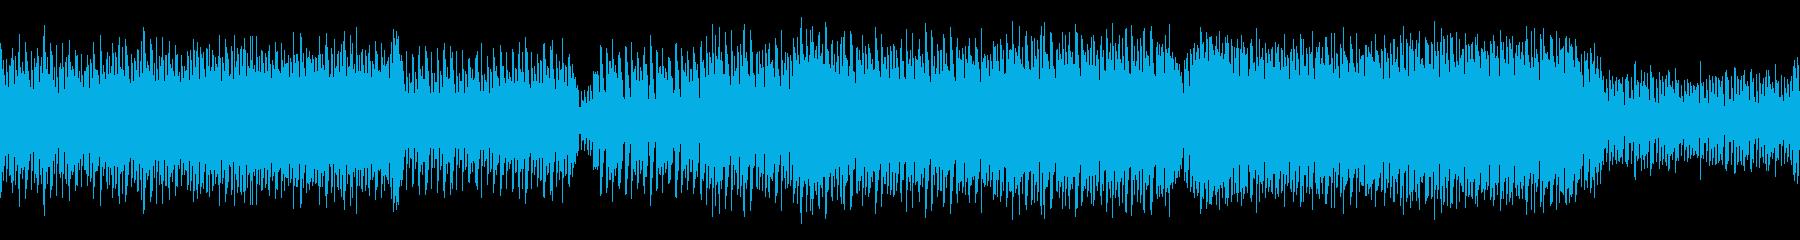 ゲーム用途、パワフルなデジロック調テクノの再生済みの波形